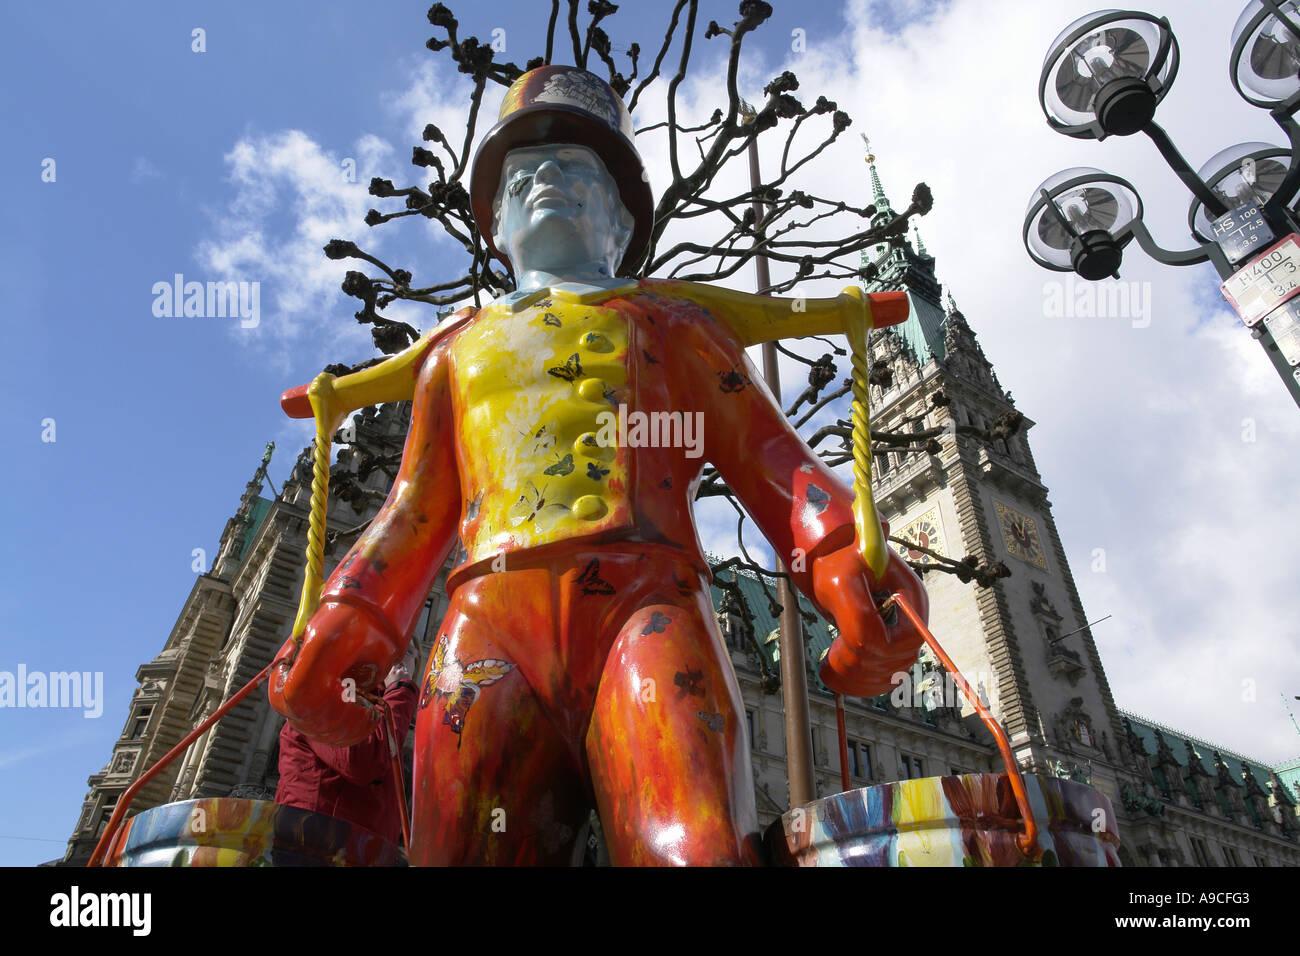 Hans Hummel Hamburger wasserträger at Rathausplatz townhall square Hamburg Hansestadt Germany - Stock Image